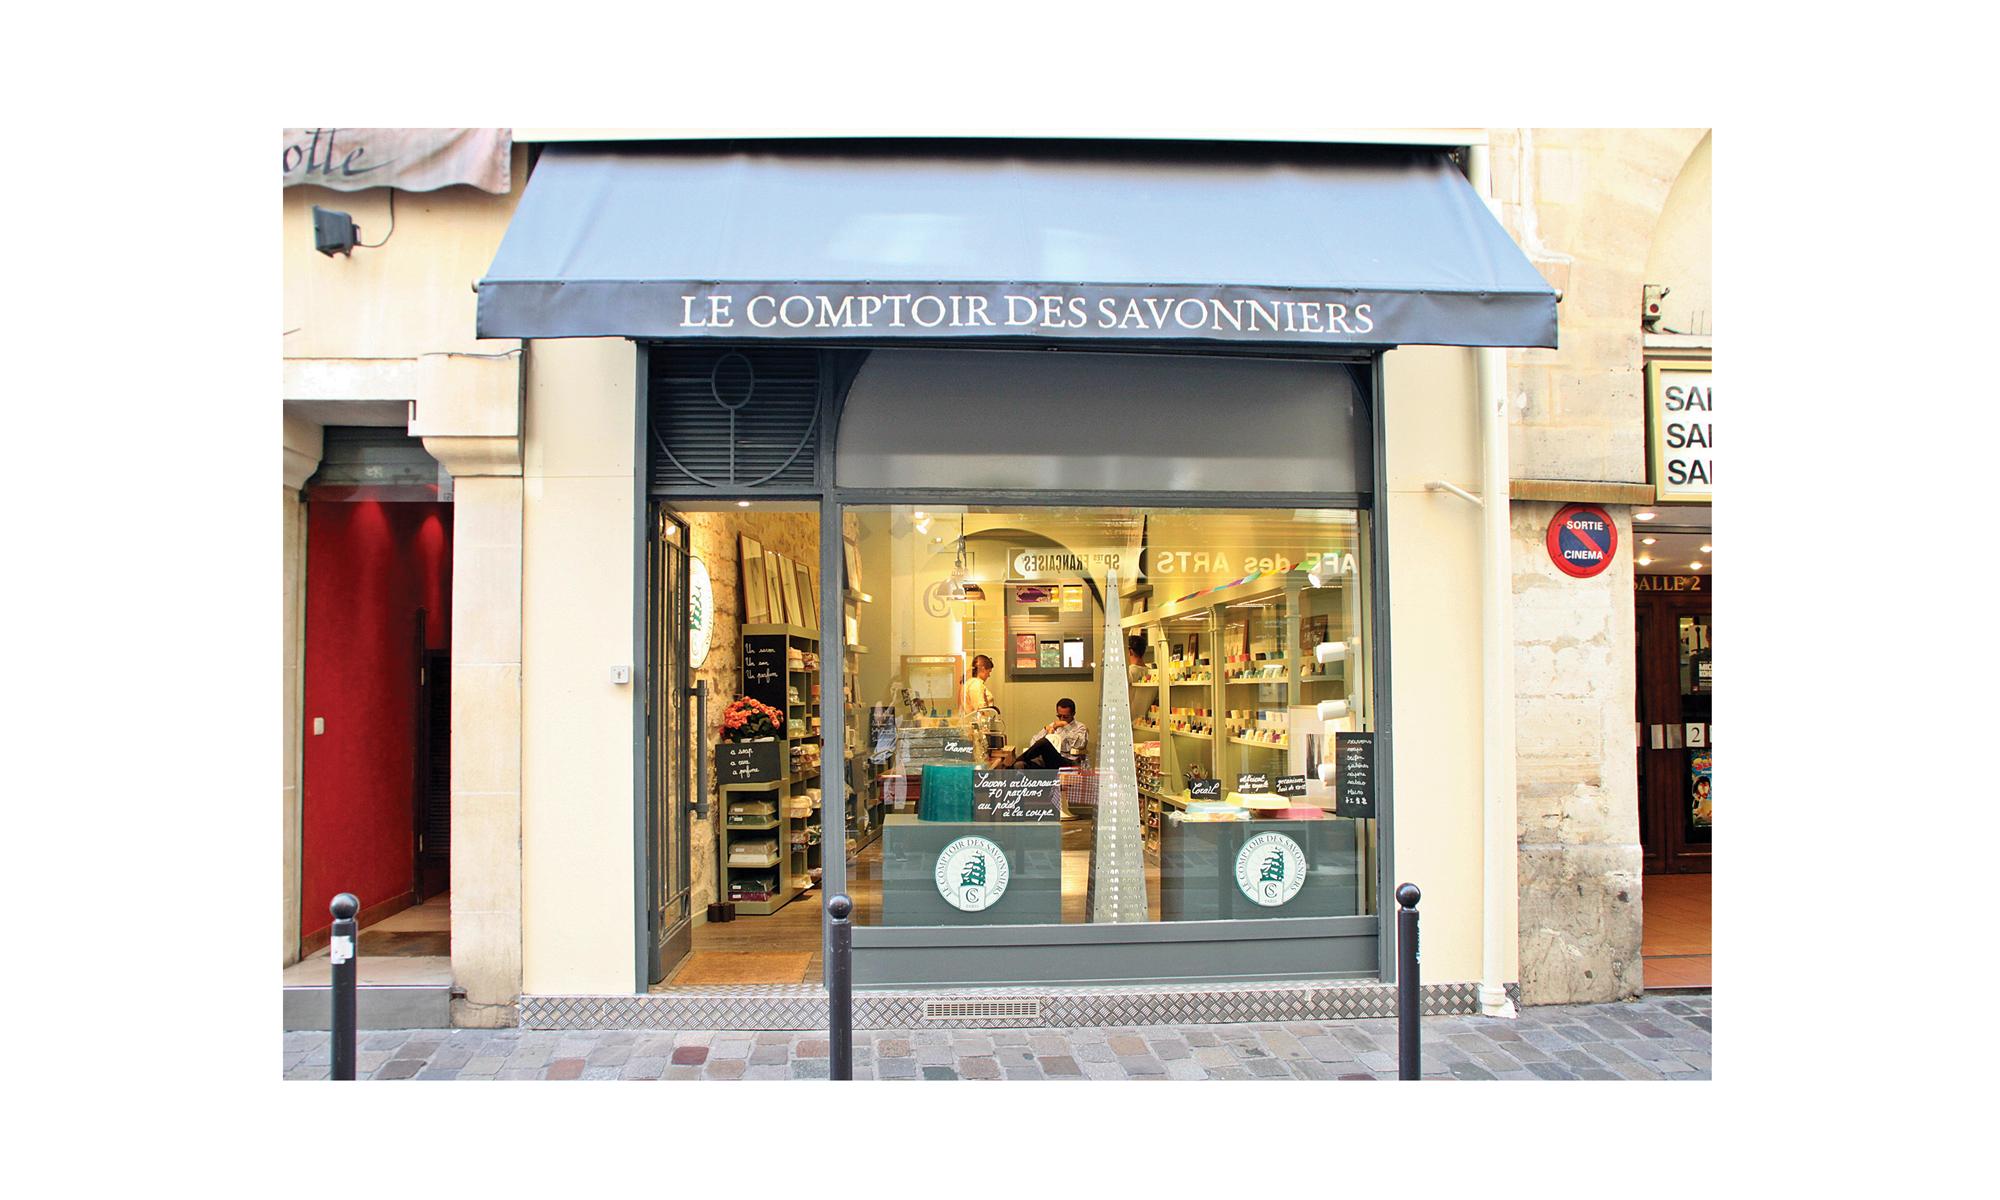 Le comptoir des savonniers florence berton architecte - Le comptoir des savonniers ...